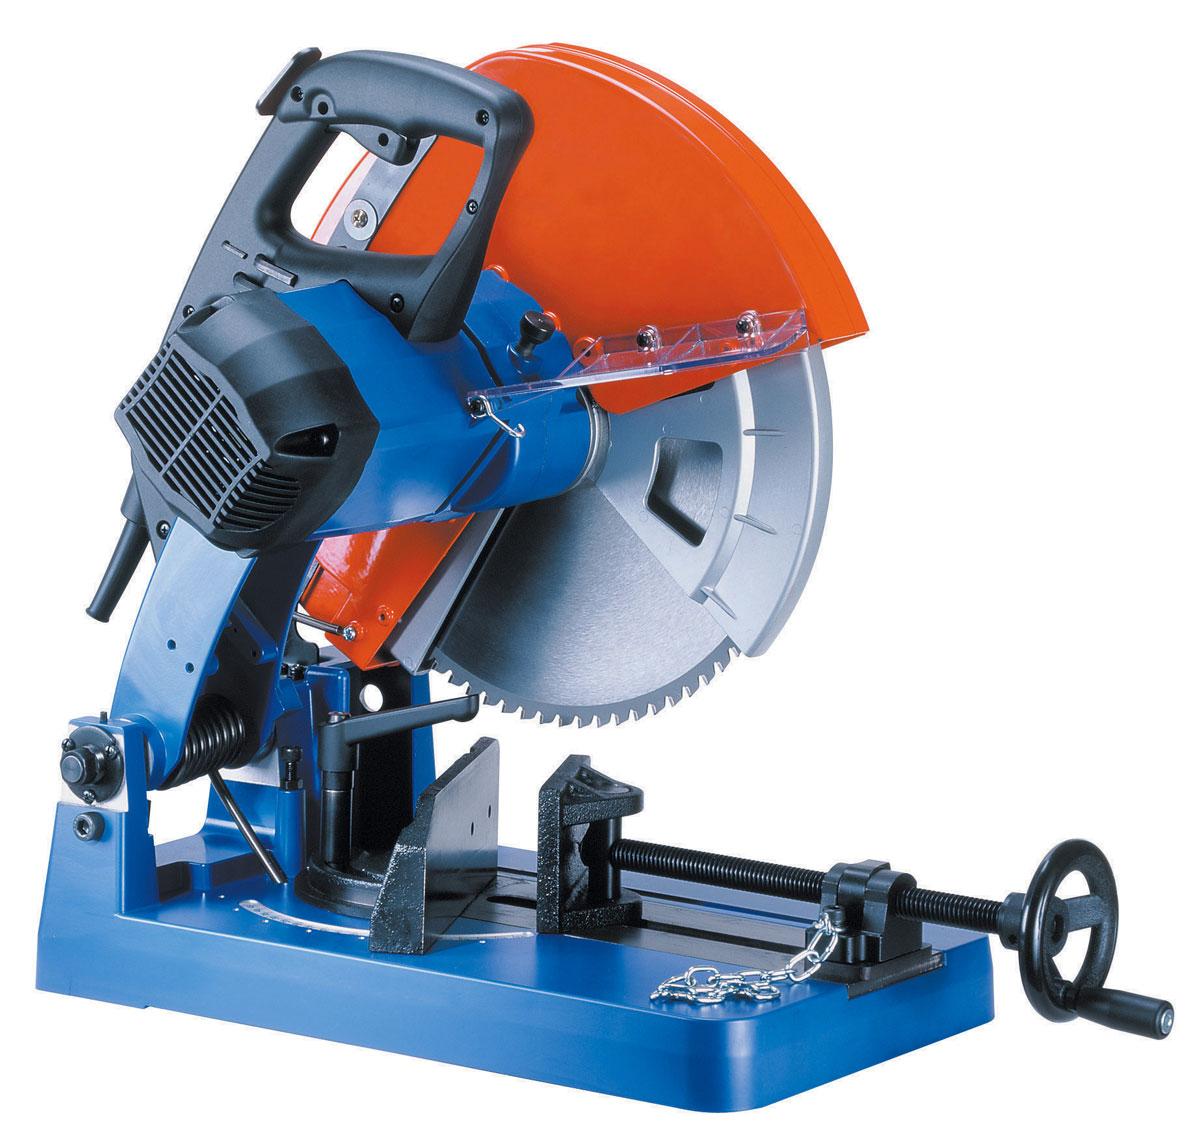 Inredning maskiner och verktyg : Maskiner & verktyg   Nordic Sprinkler